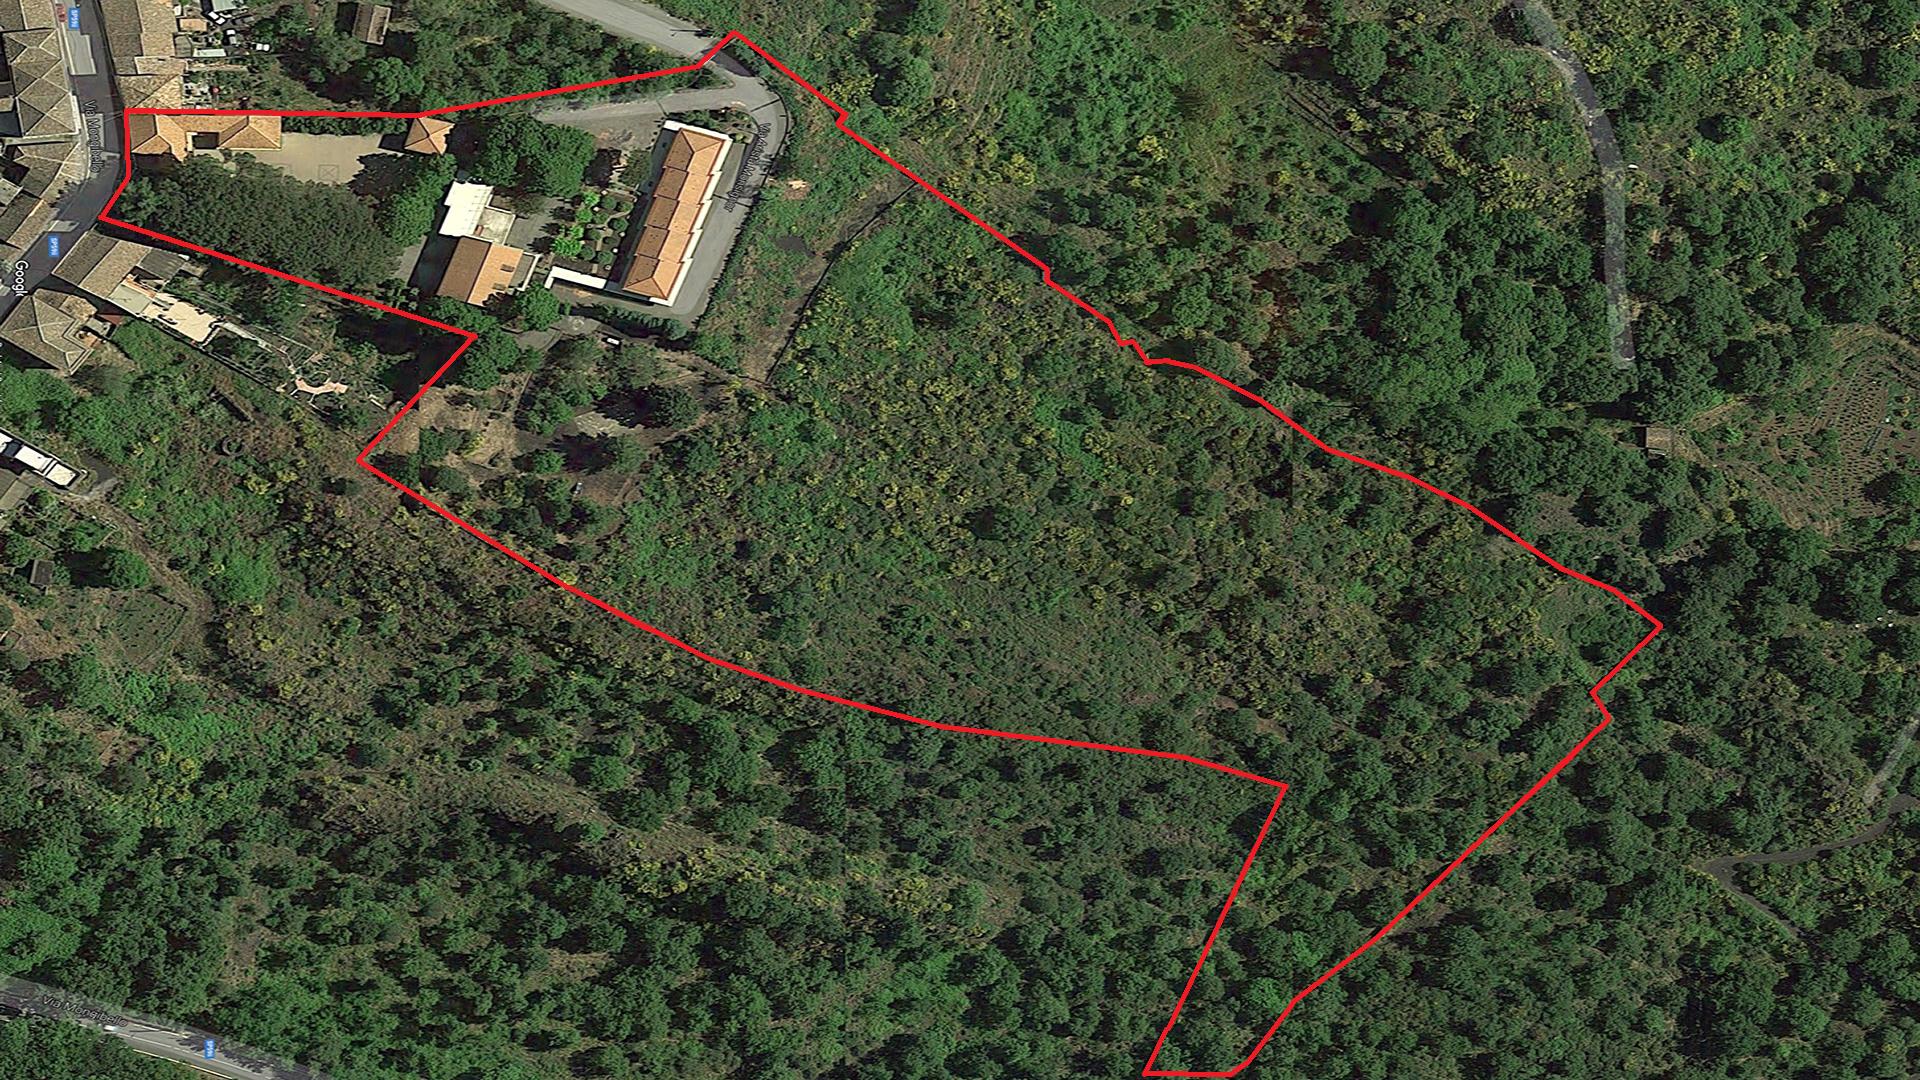 La foto mostra una vista aerea di vEyes Land